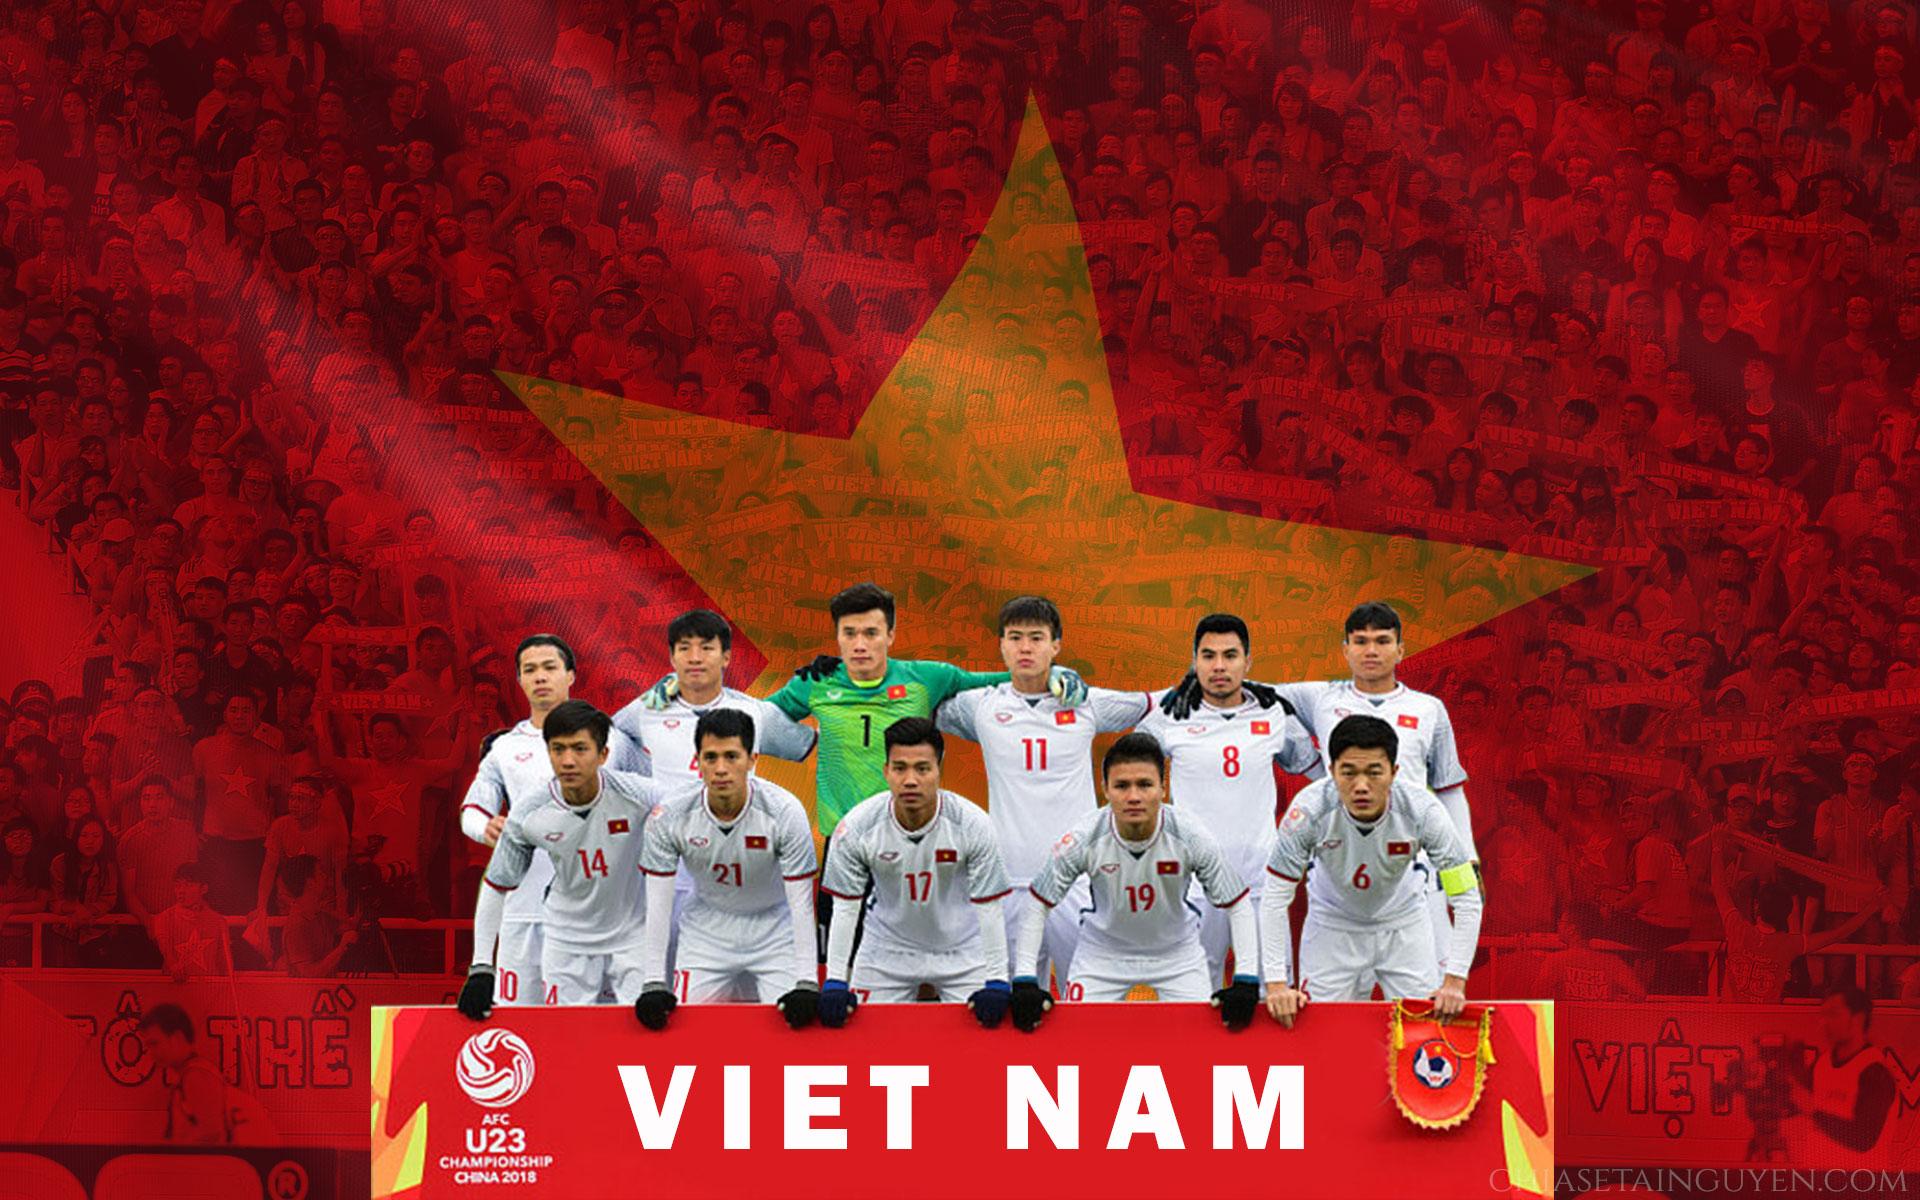 Bộ hình nền, banner cổ vũ U23 Việt Nam - Tinh thần chiến thắng-